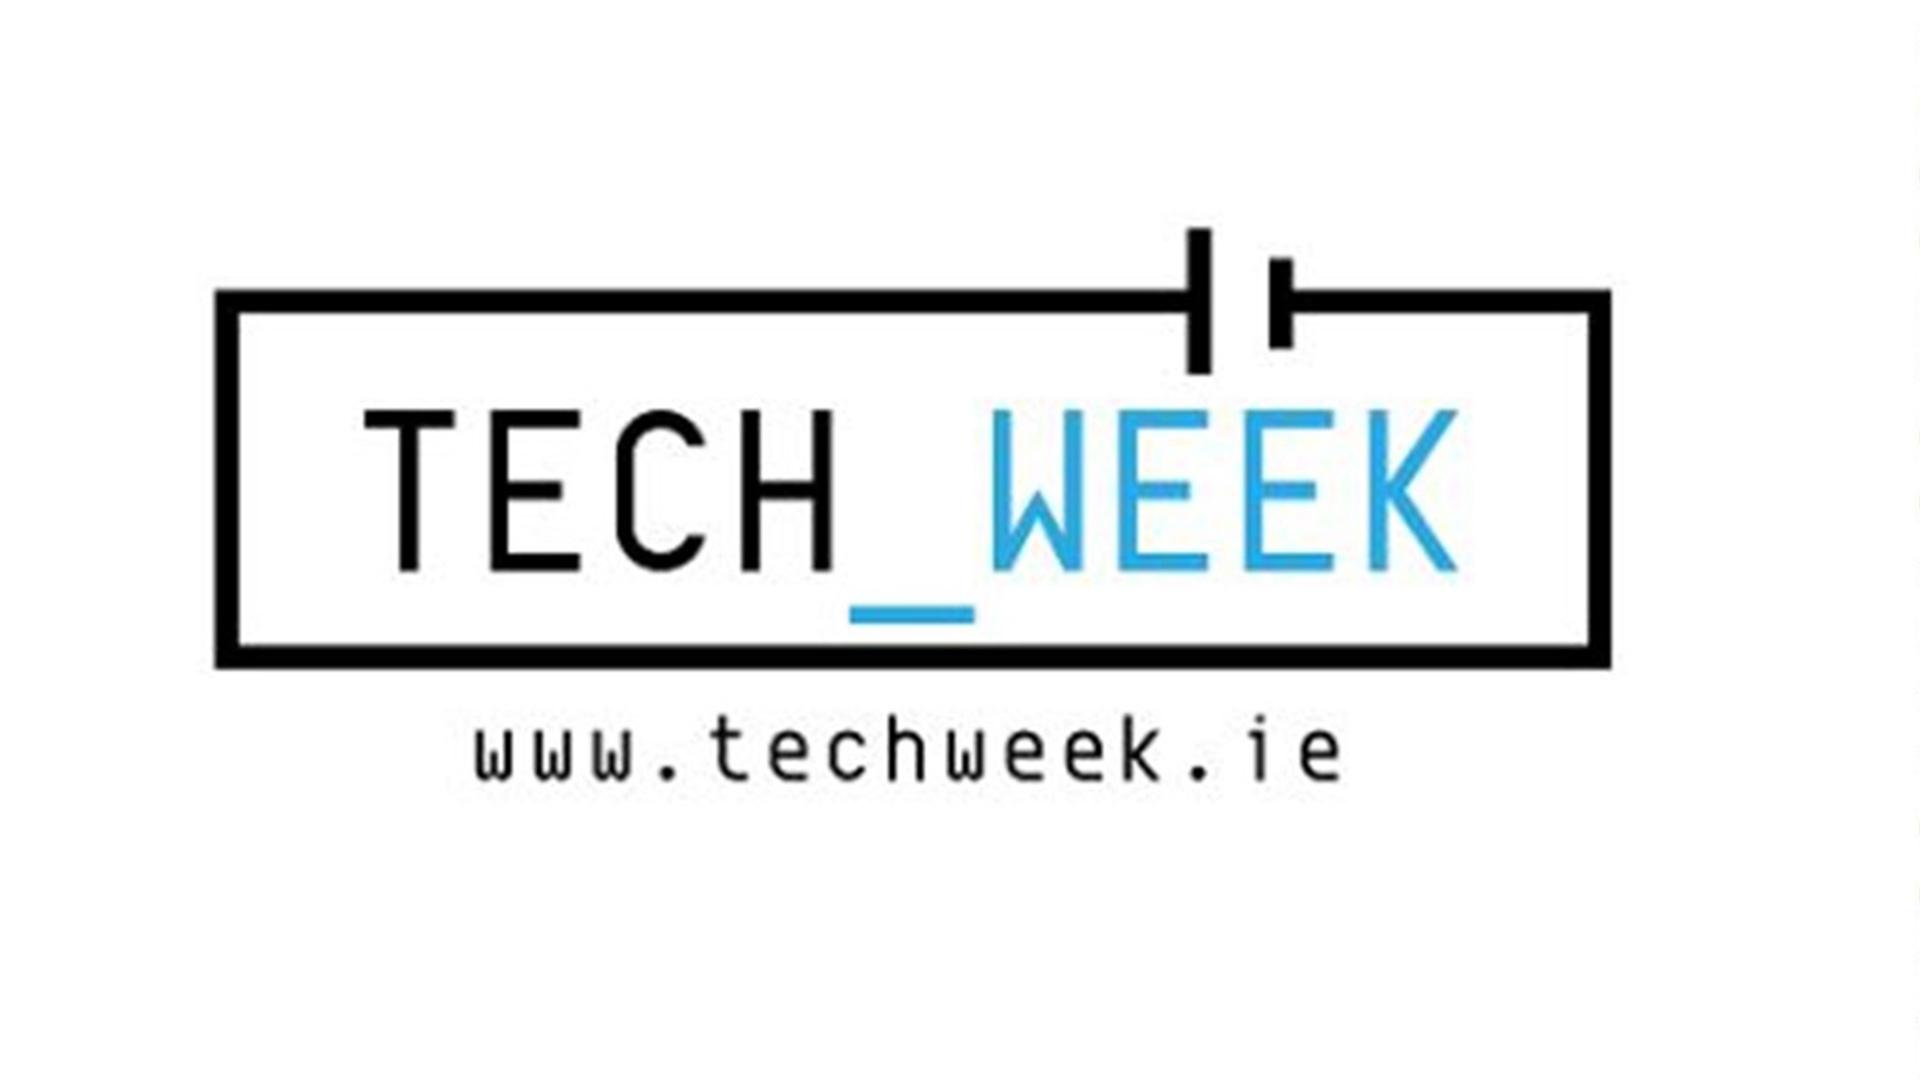 Tech Week is coming!